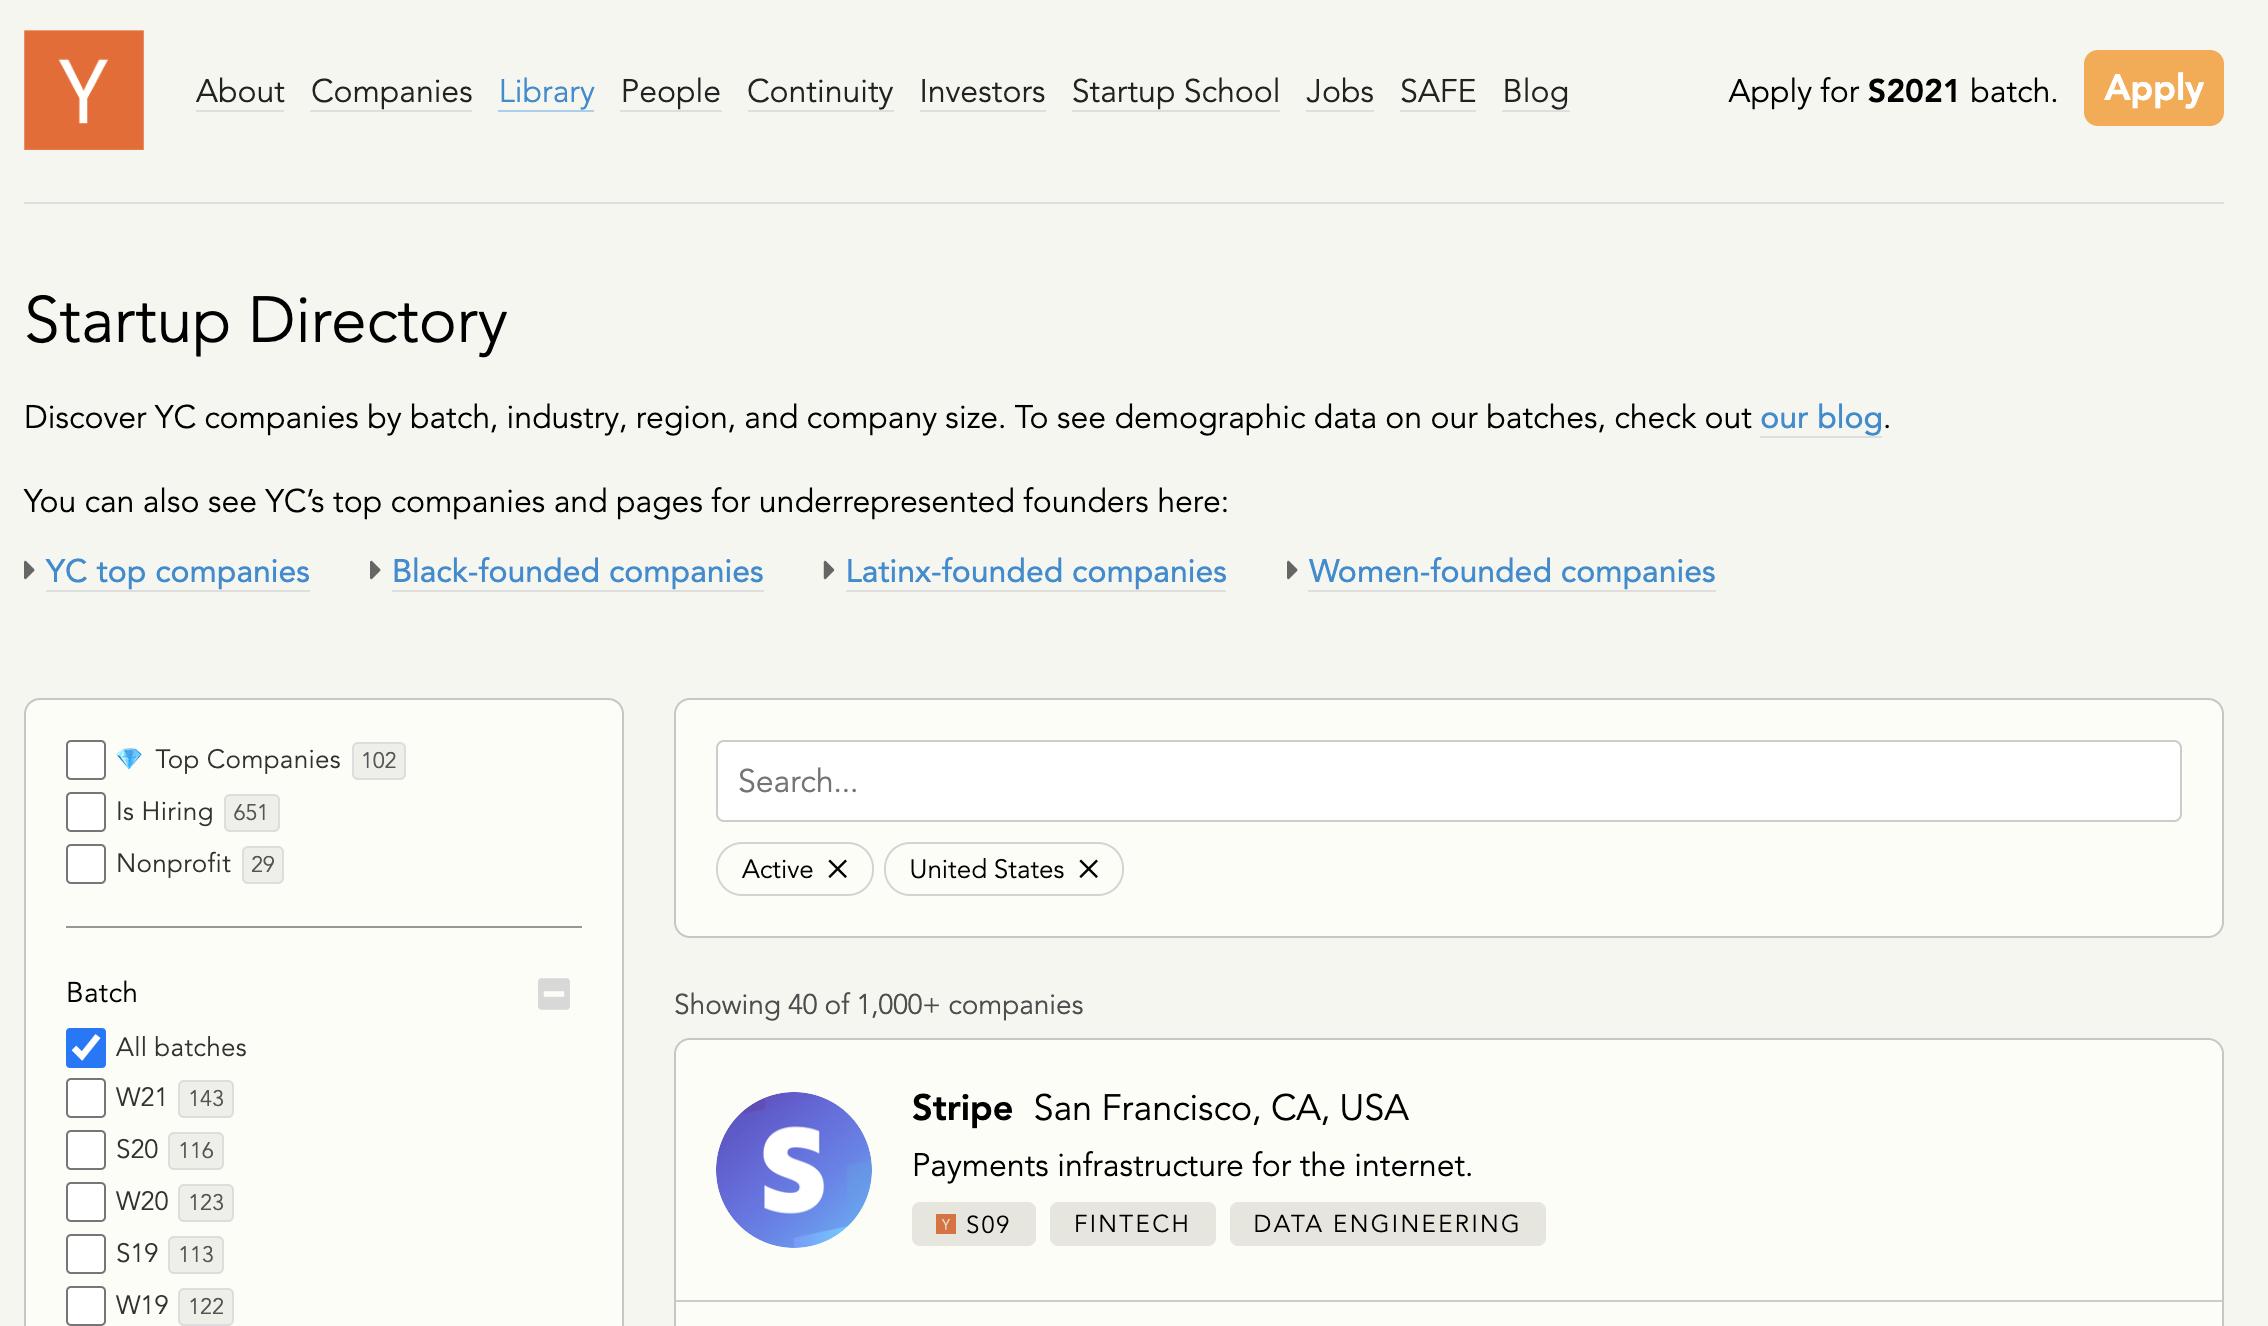 Y Combinator startup directory